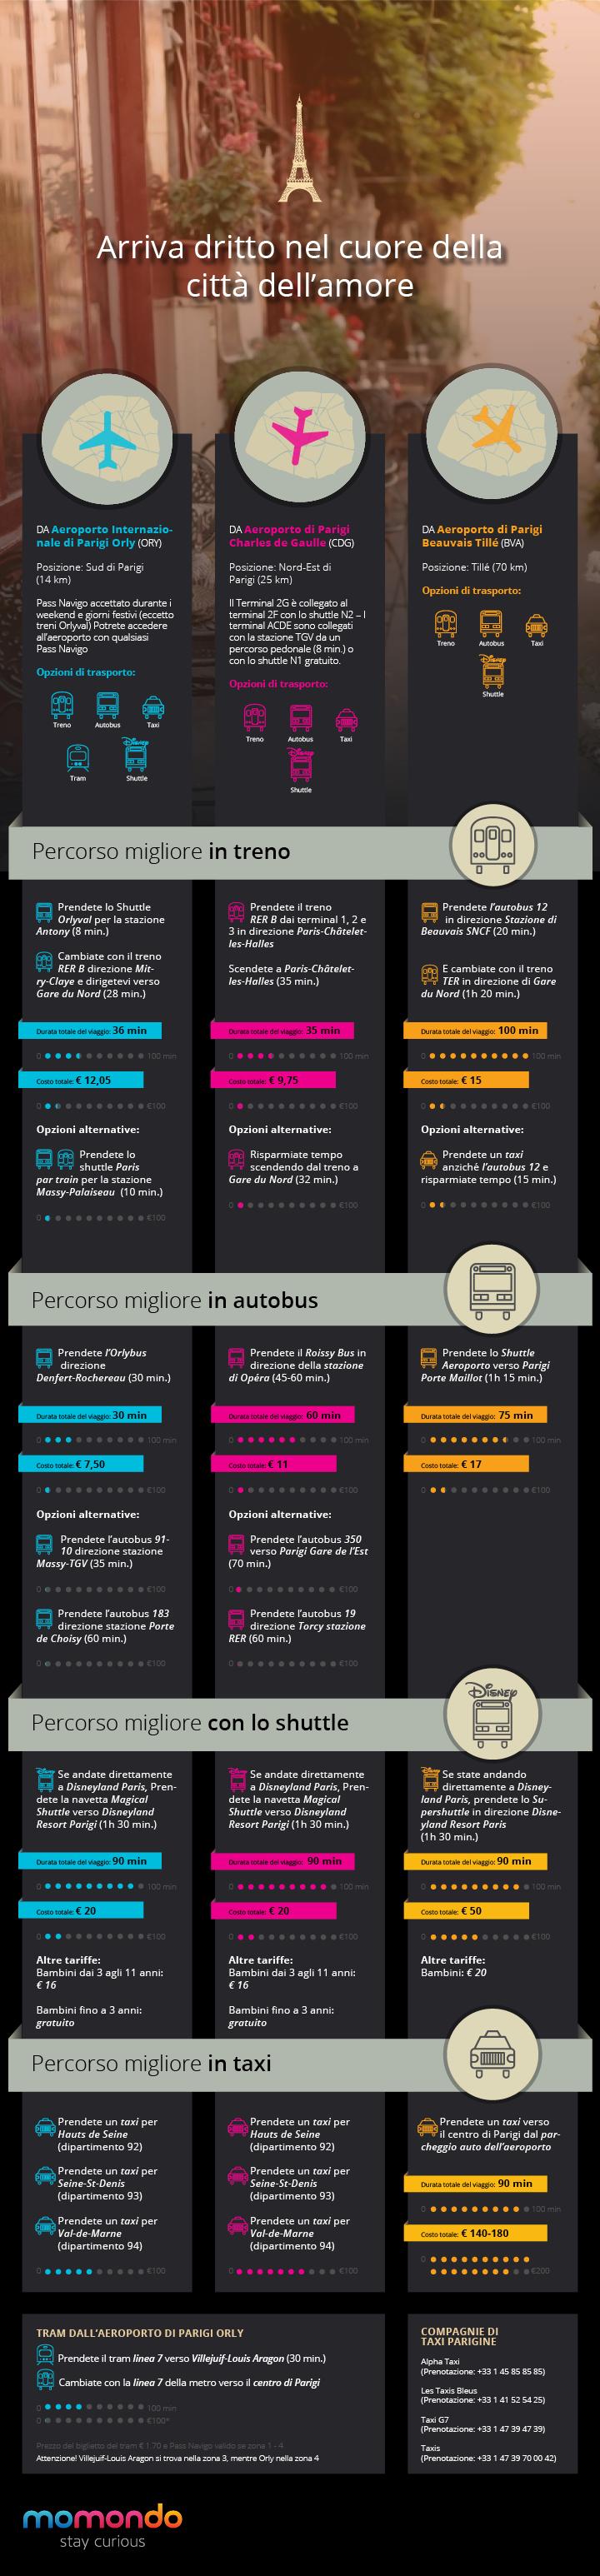 Parigi infografica - COME ARRIVARE NEL CENTRO DI PARIGI DAGLI AEROPORTI CITTADINI